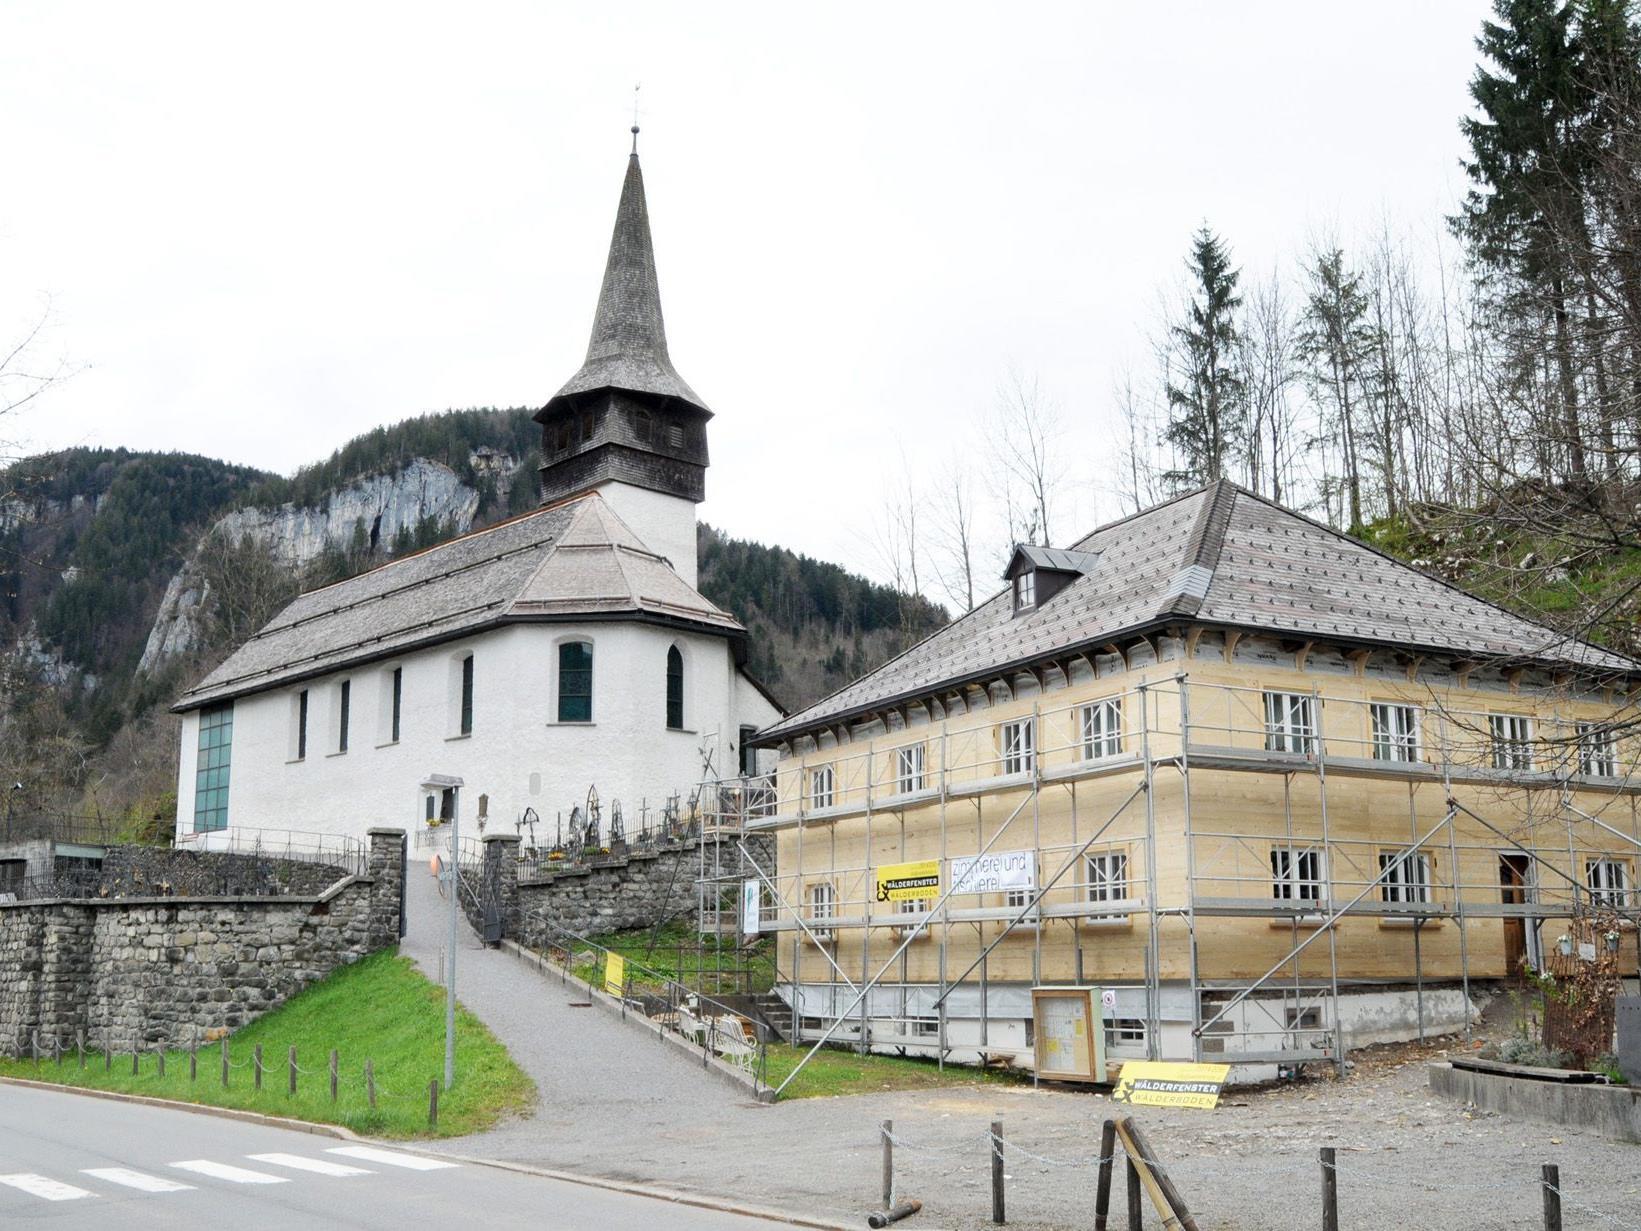 Der Pfarrhof Reuthe wird bereits saniert, auch in der Pfarrkirche sind Arbeiten erforderlich.